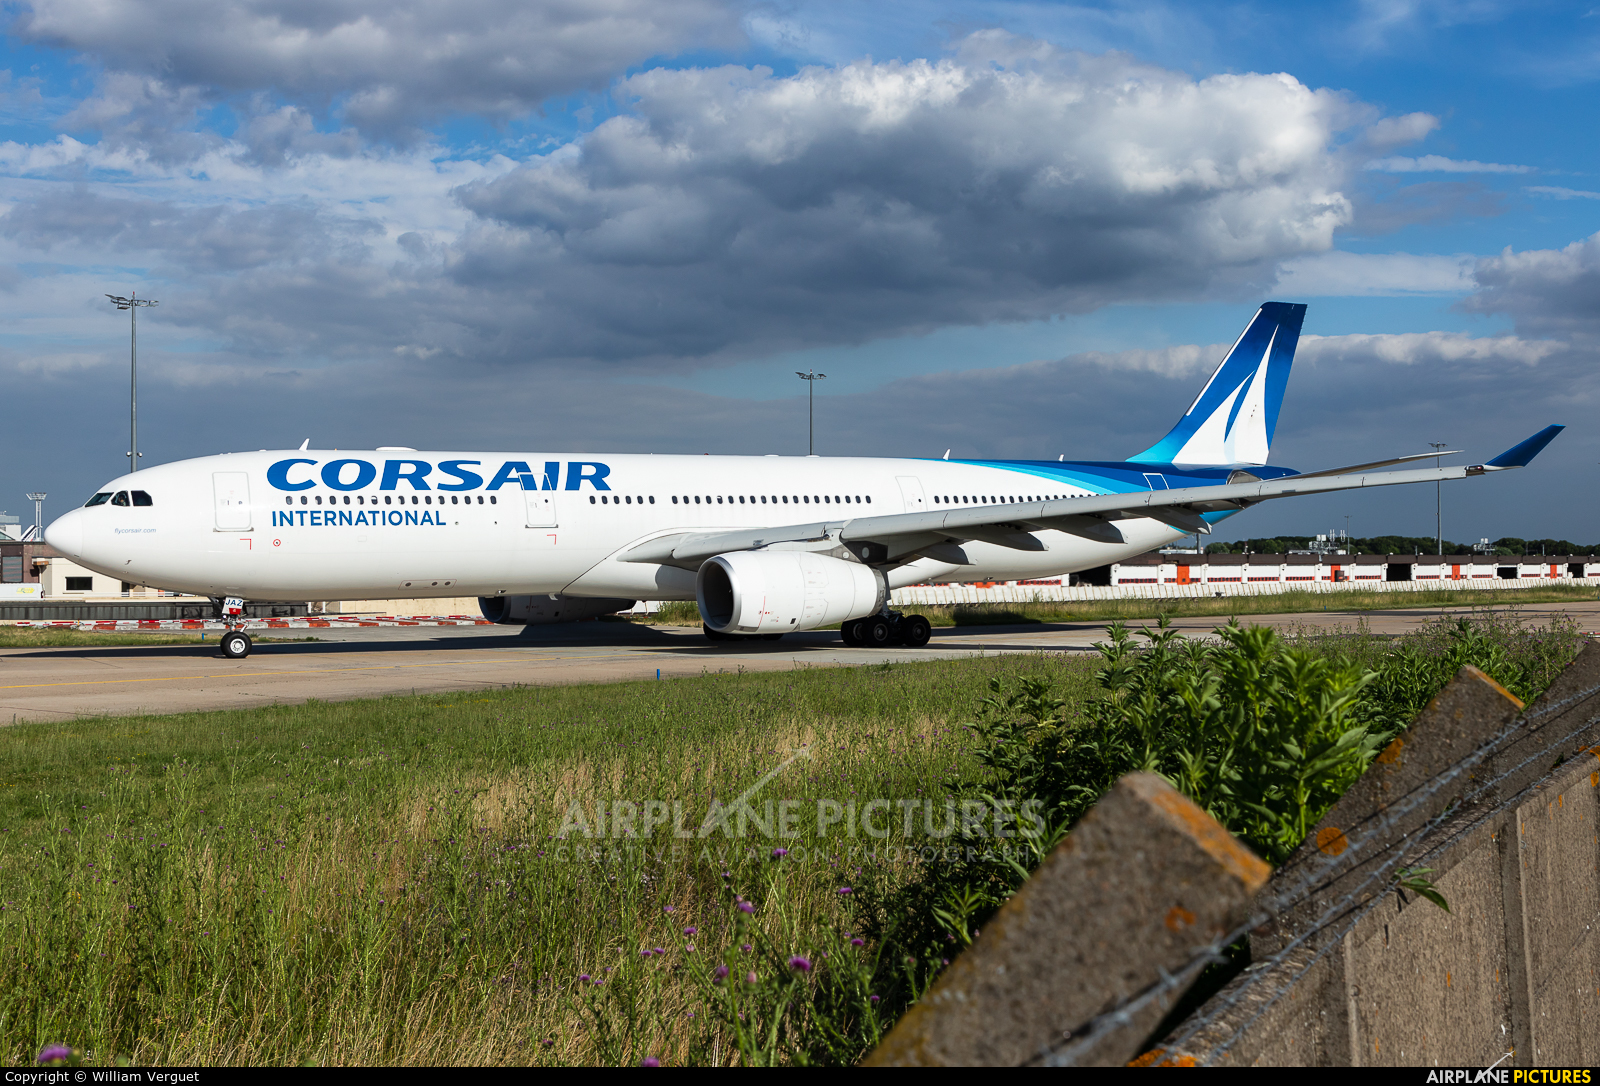 Corsair / Corsair Intl F-HJAZ aircraft at Paris - Orly